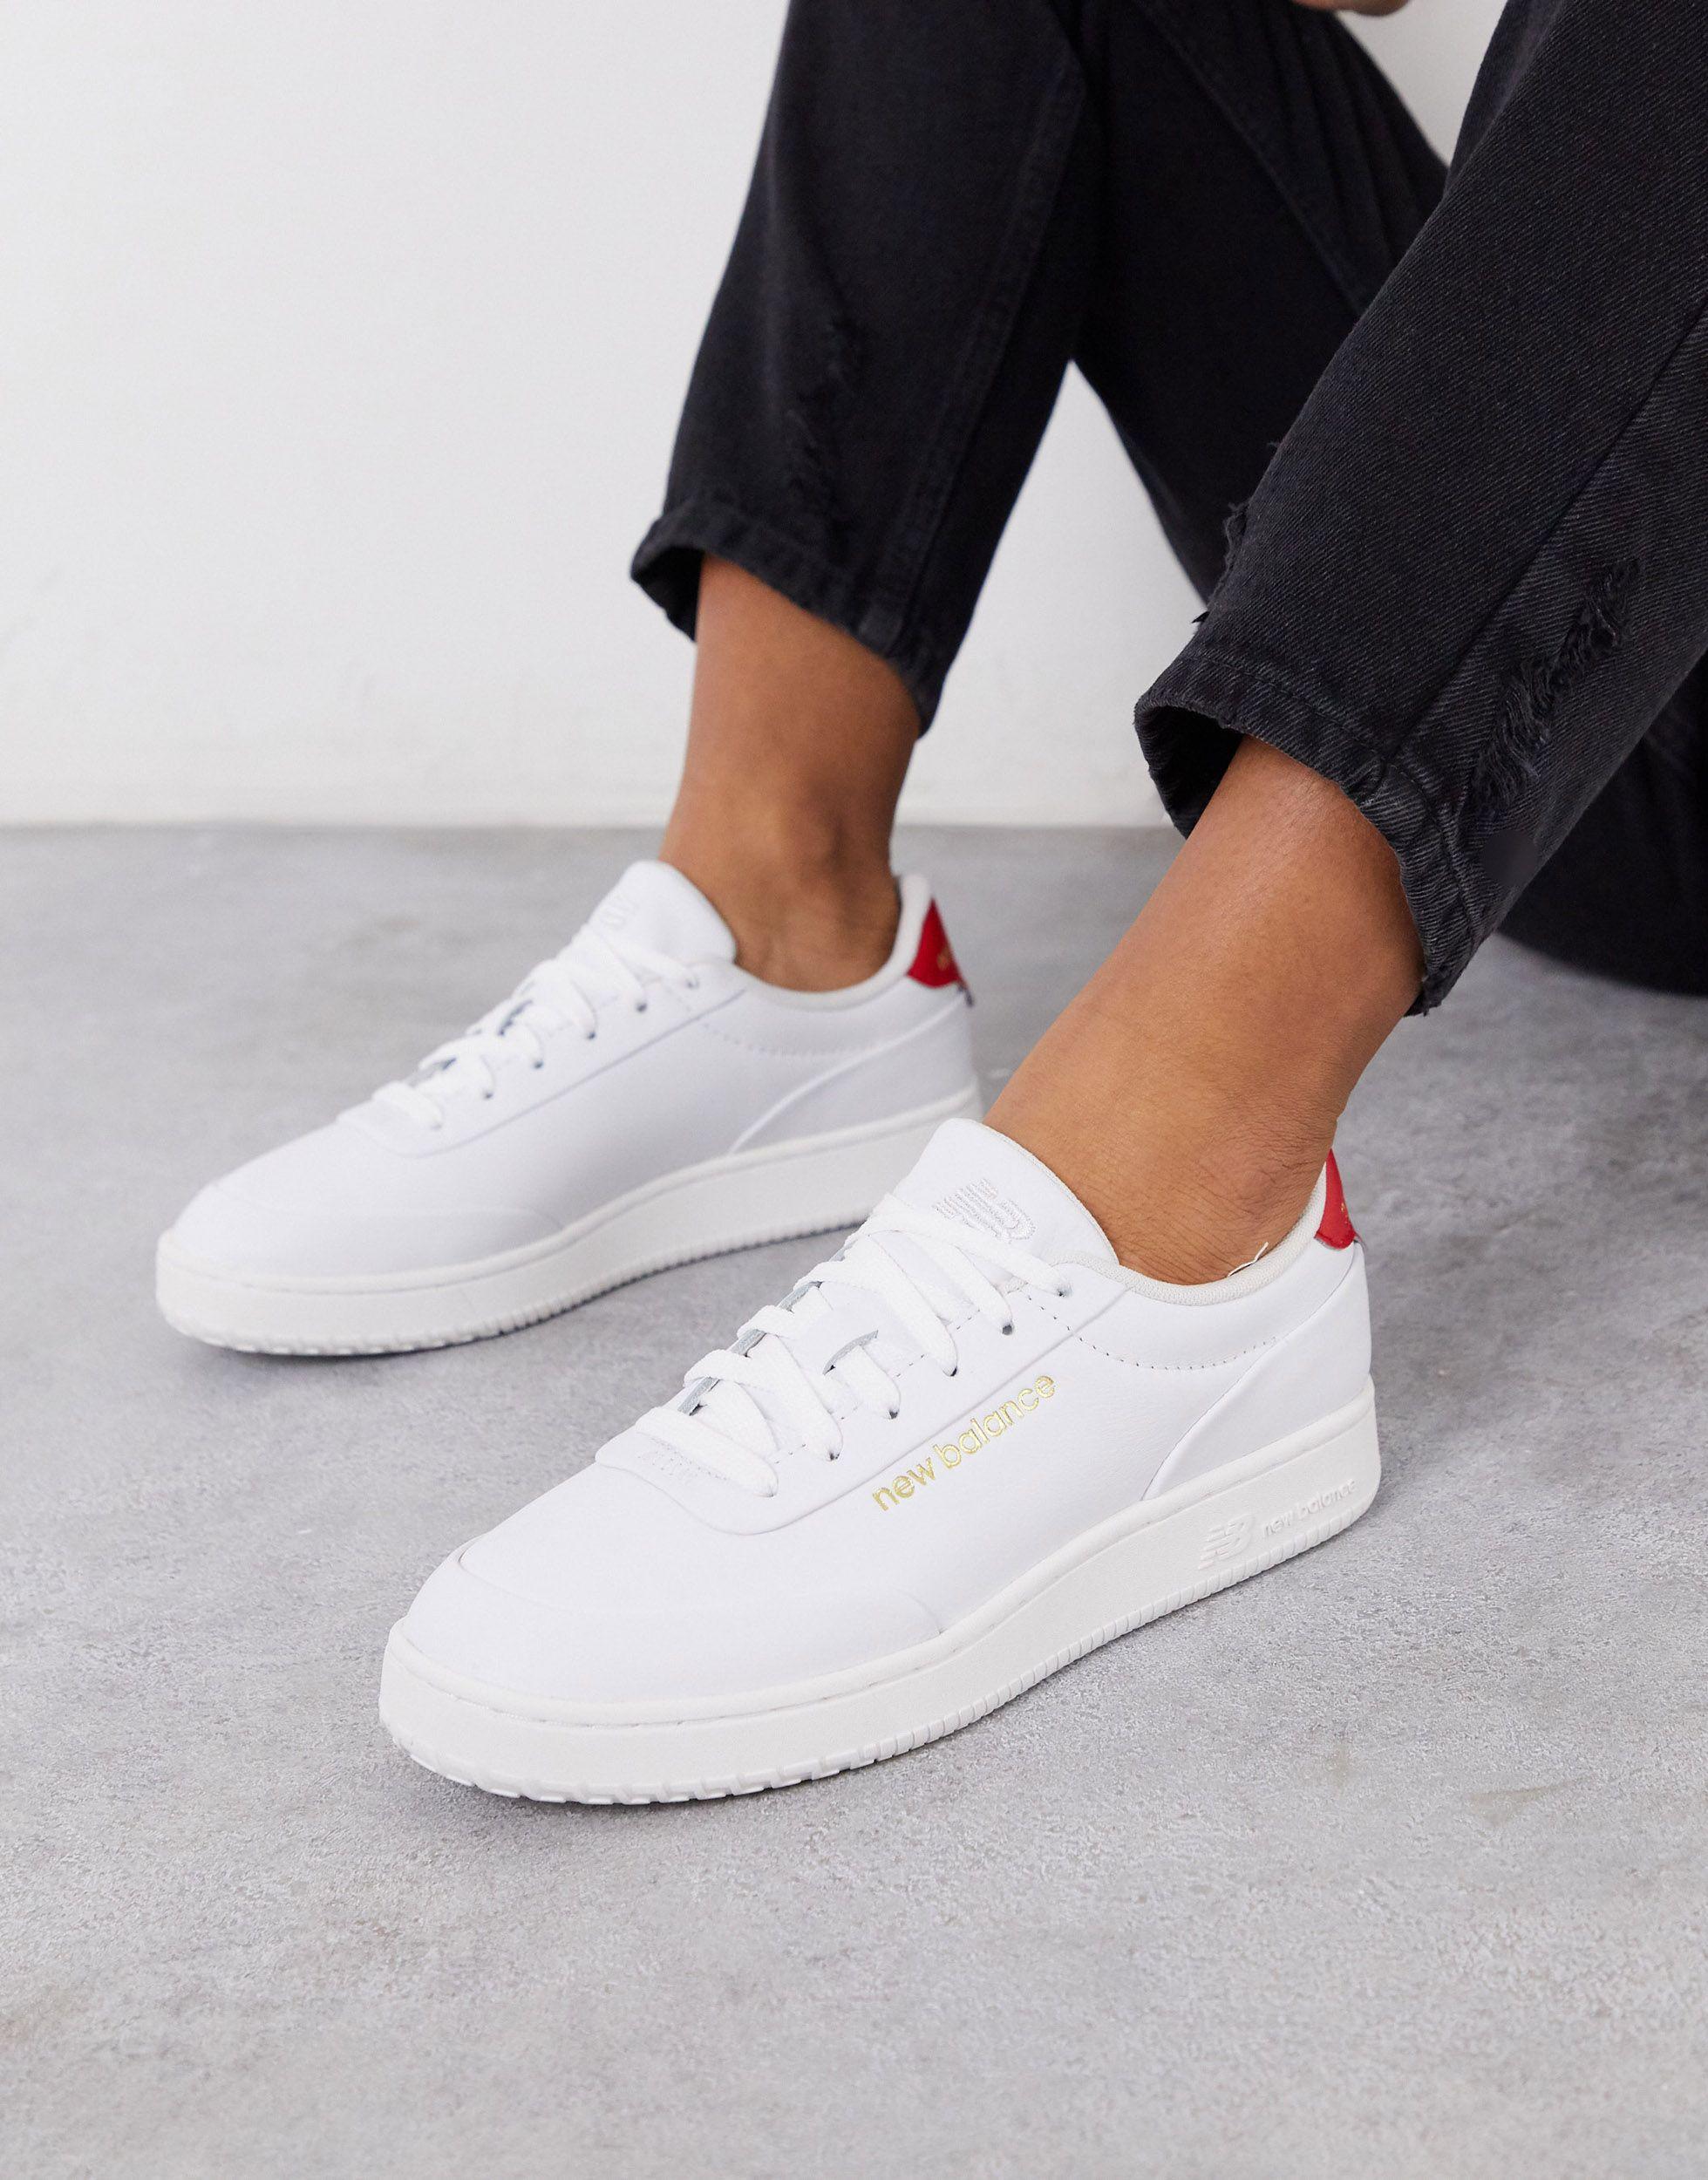 white new balance trainers